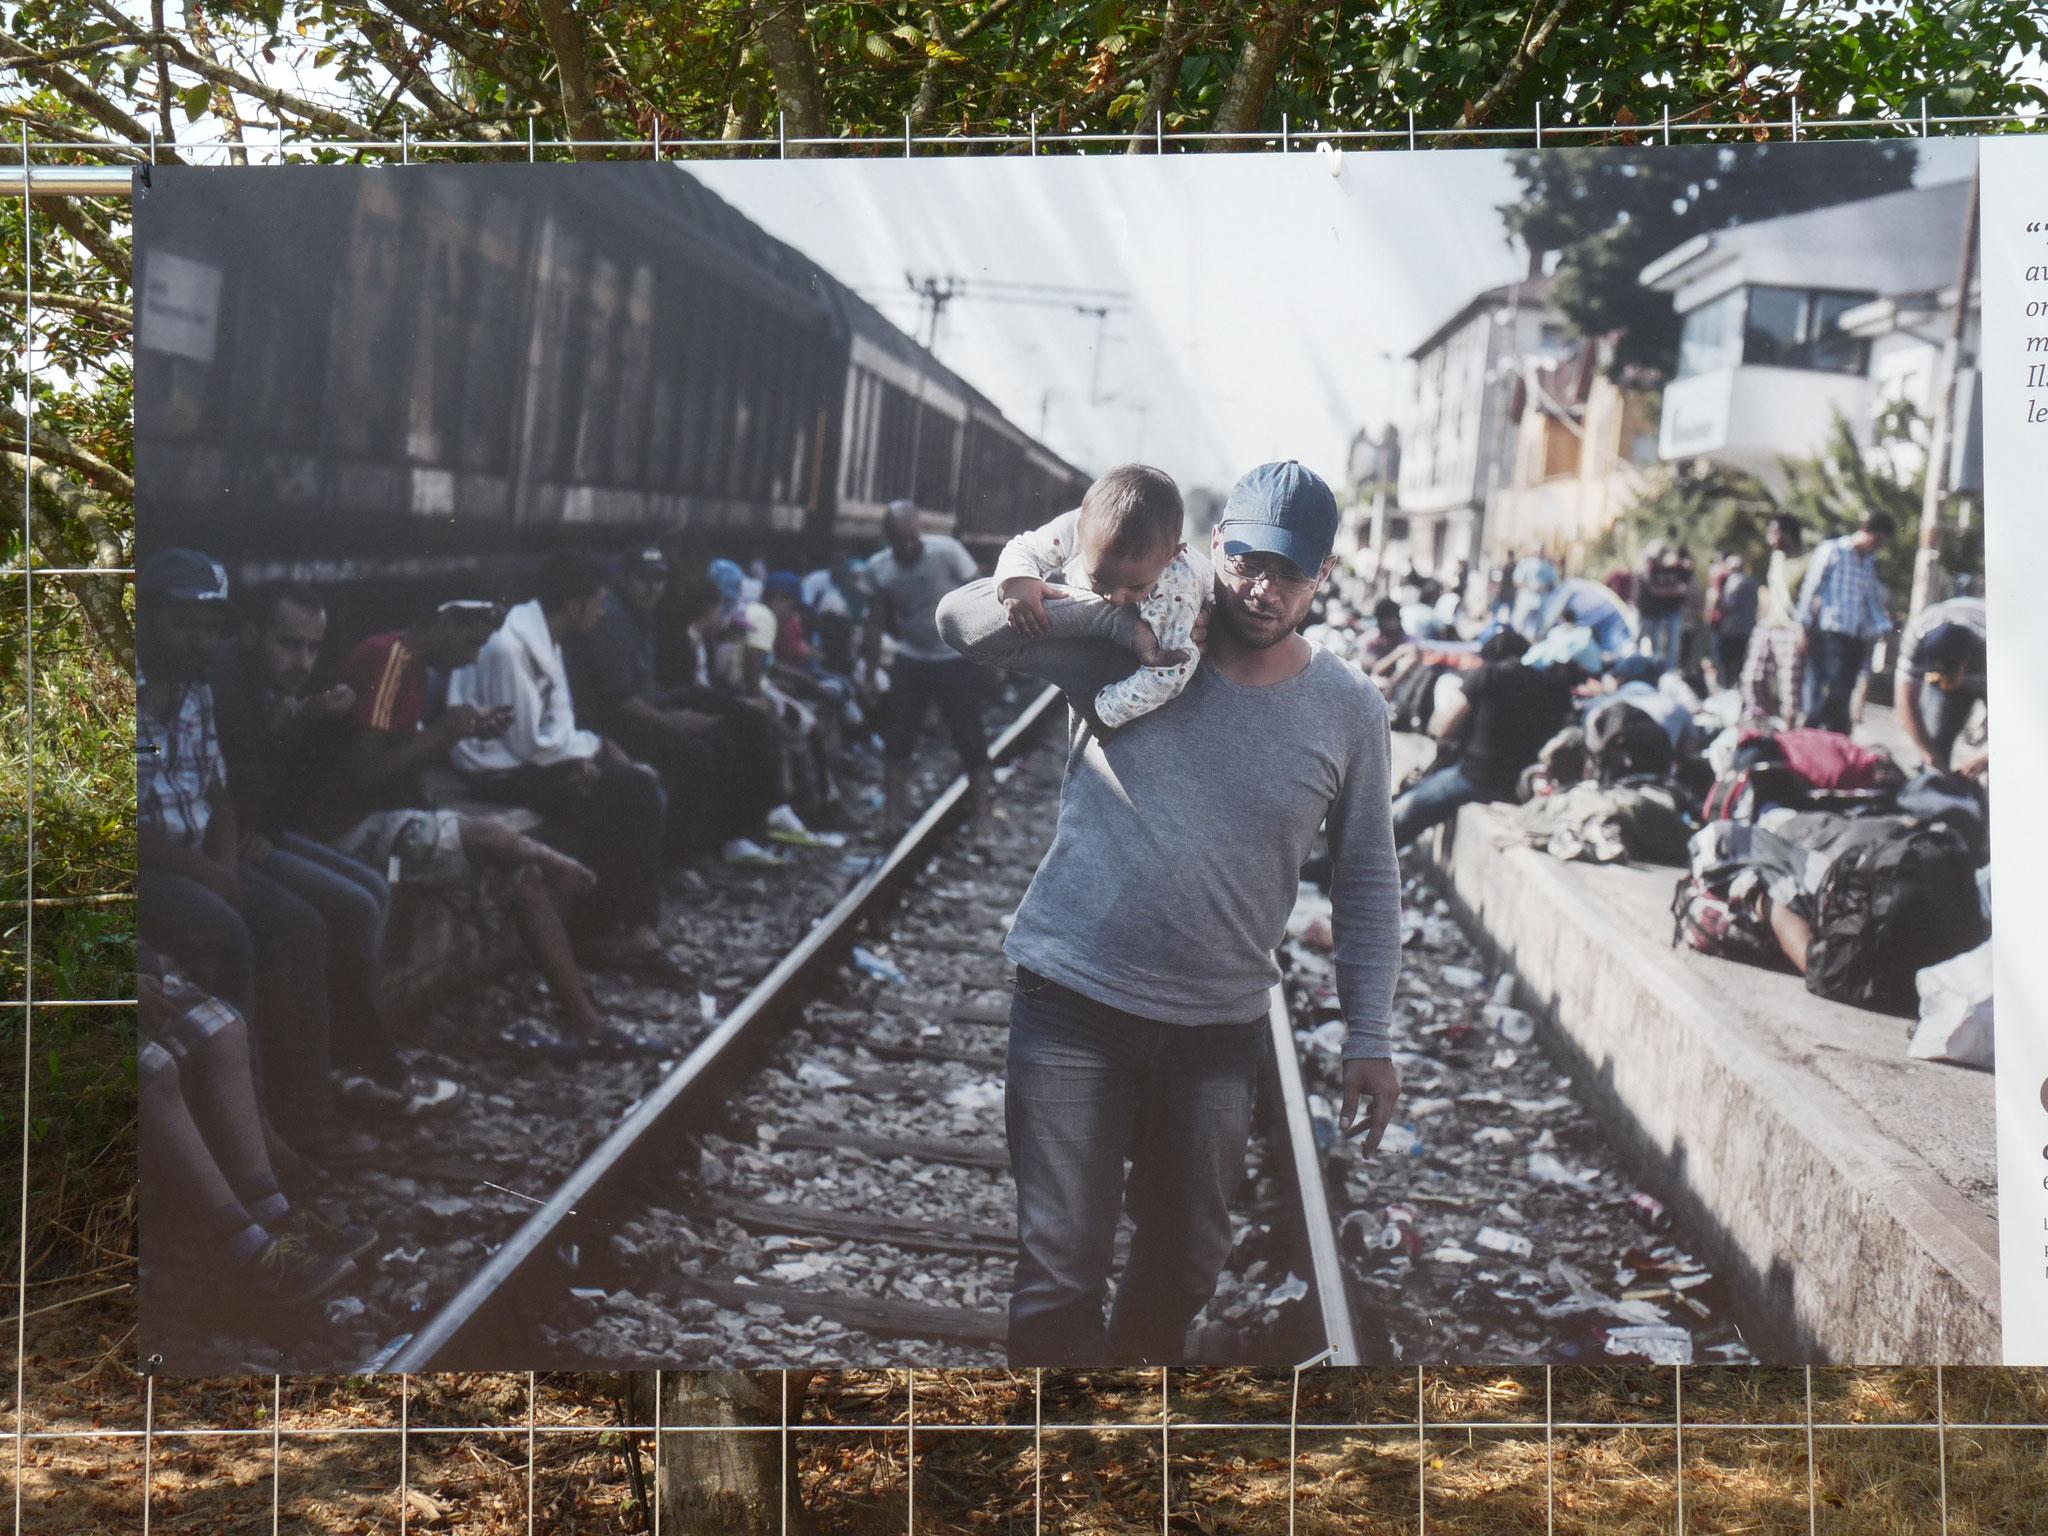 La misère ( photojournalisme XXI)